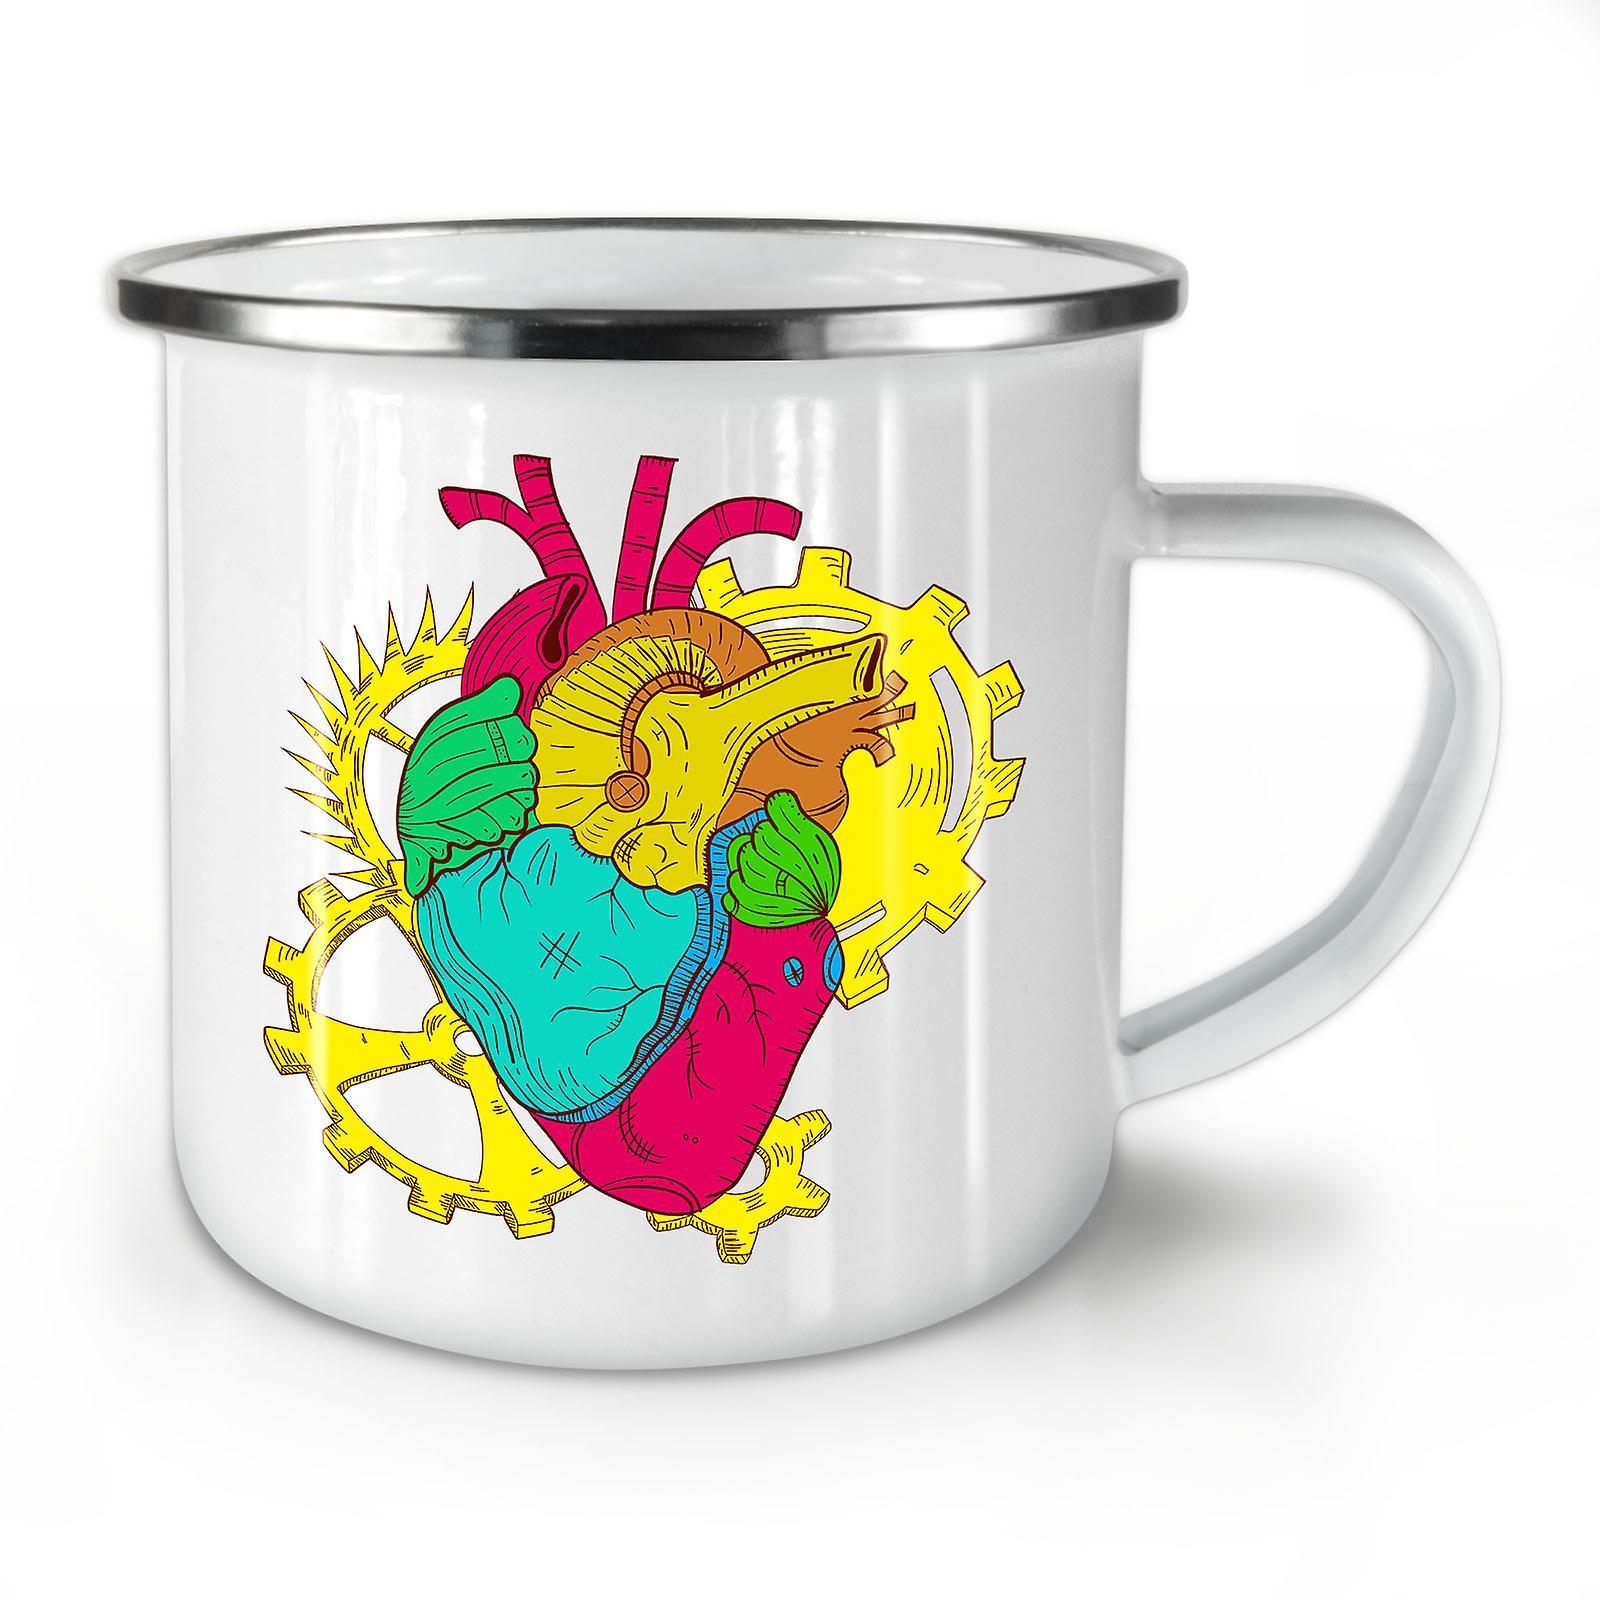 Engineer OzWellcoda New Geek Enamel Coffee Heart Whitetea Mug10 WED2H9IY